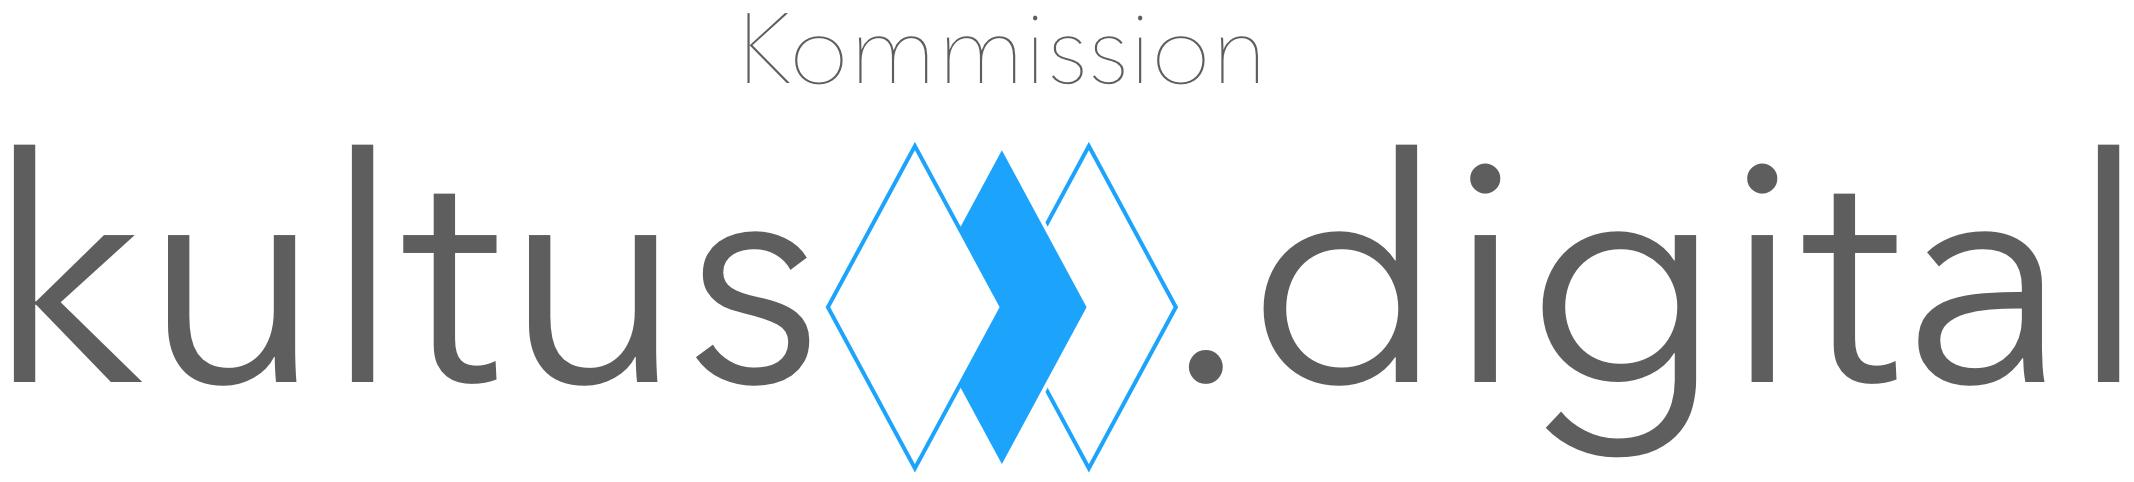 Kommission kultus.digital | Kultus, Digitalisierung und Wirtschaft vereint